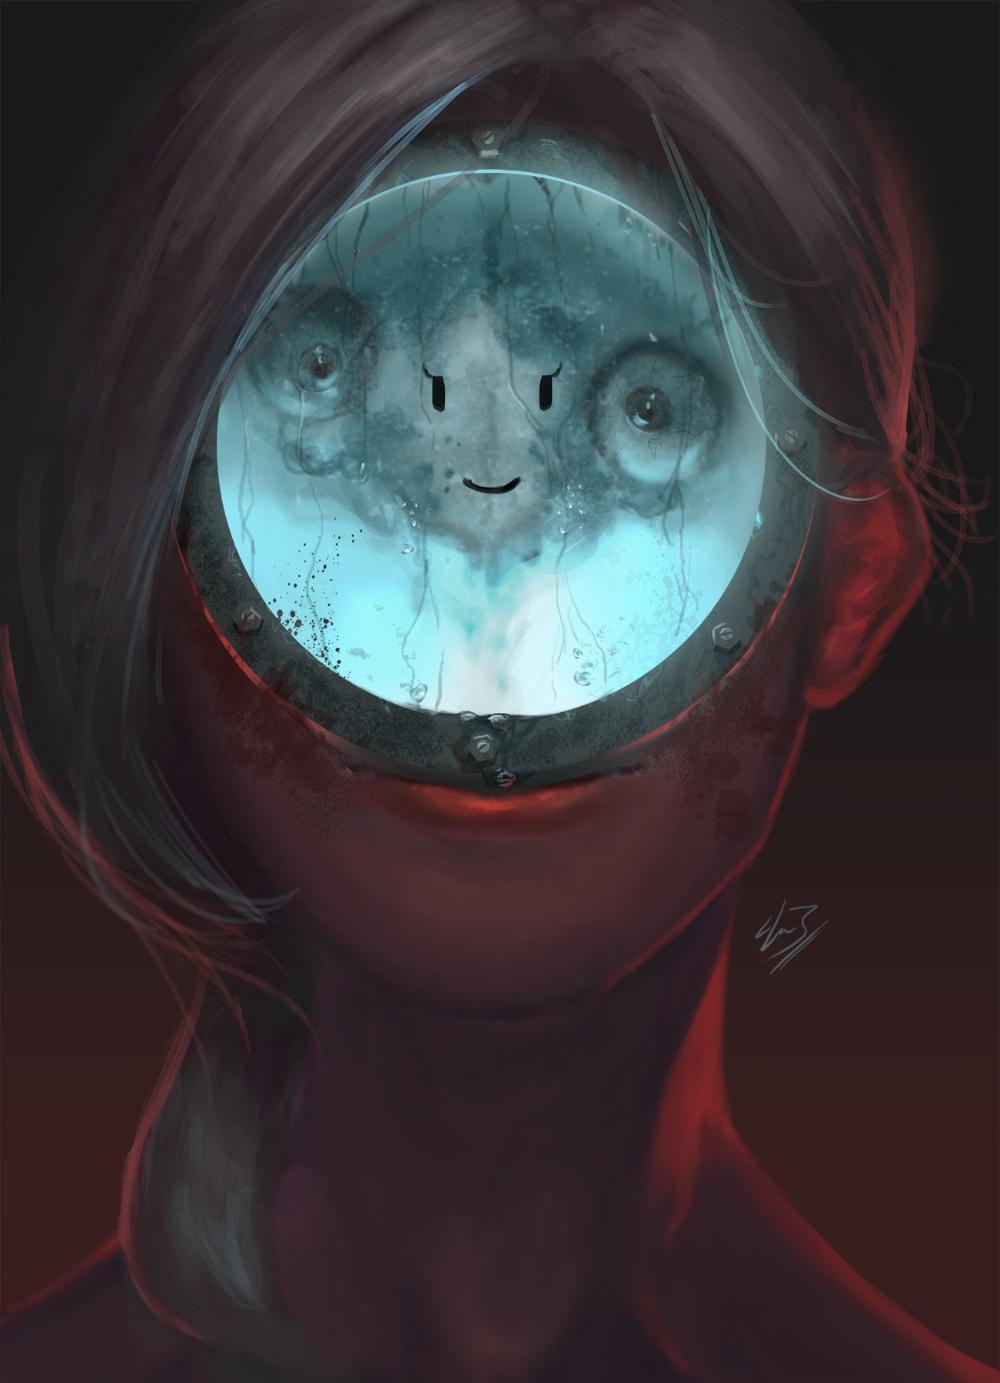 Assimilation Gif By Amanda Jaws Imaginaryhorrors Image Painting Horror Artist Websites